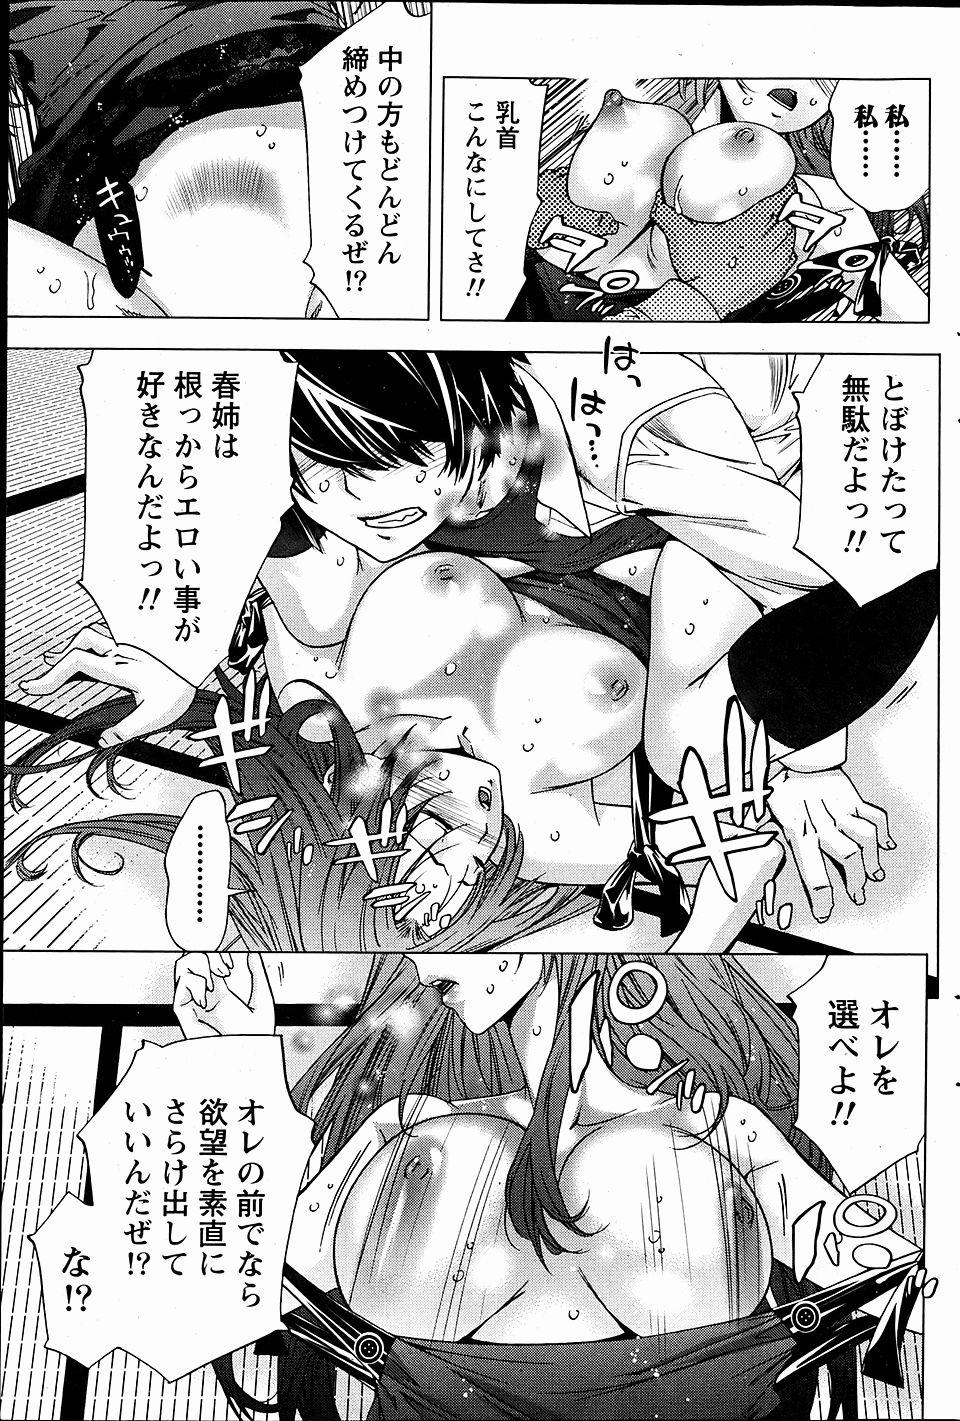 【エロ漫画・エロ同人誌】本当はエロい巨乳イトコを無理矢理エッチして本性開放したったwww (15)